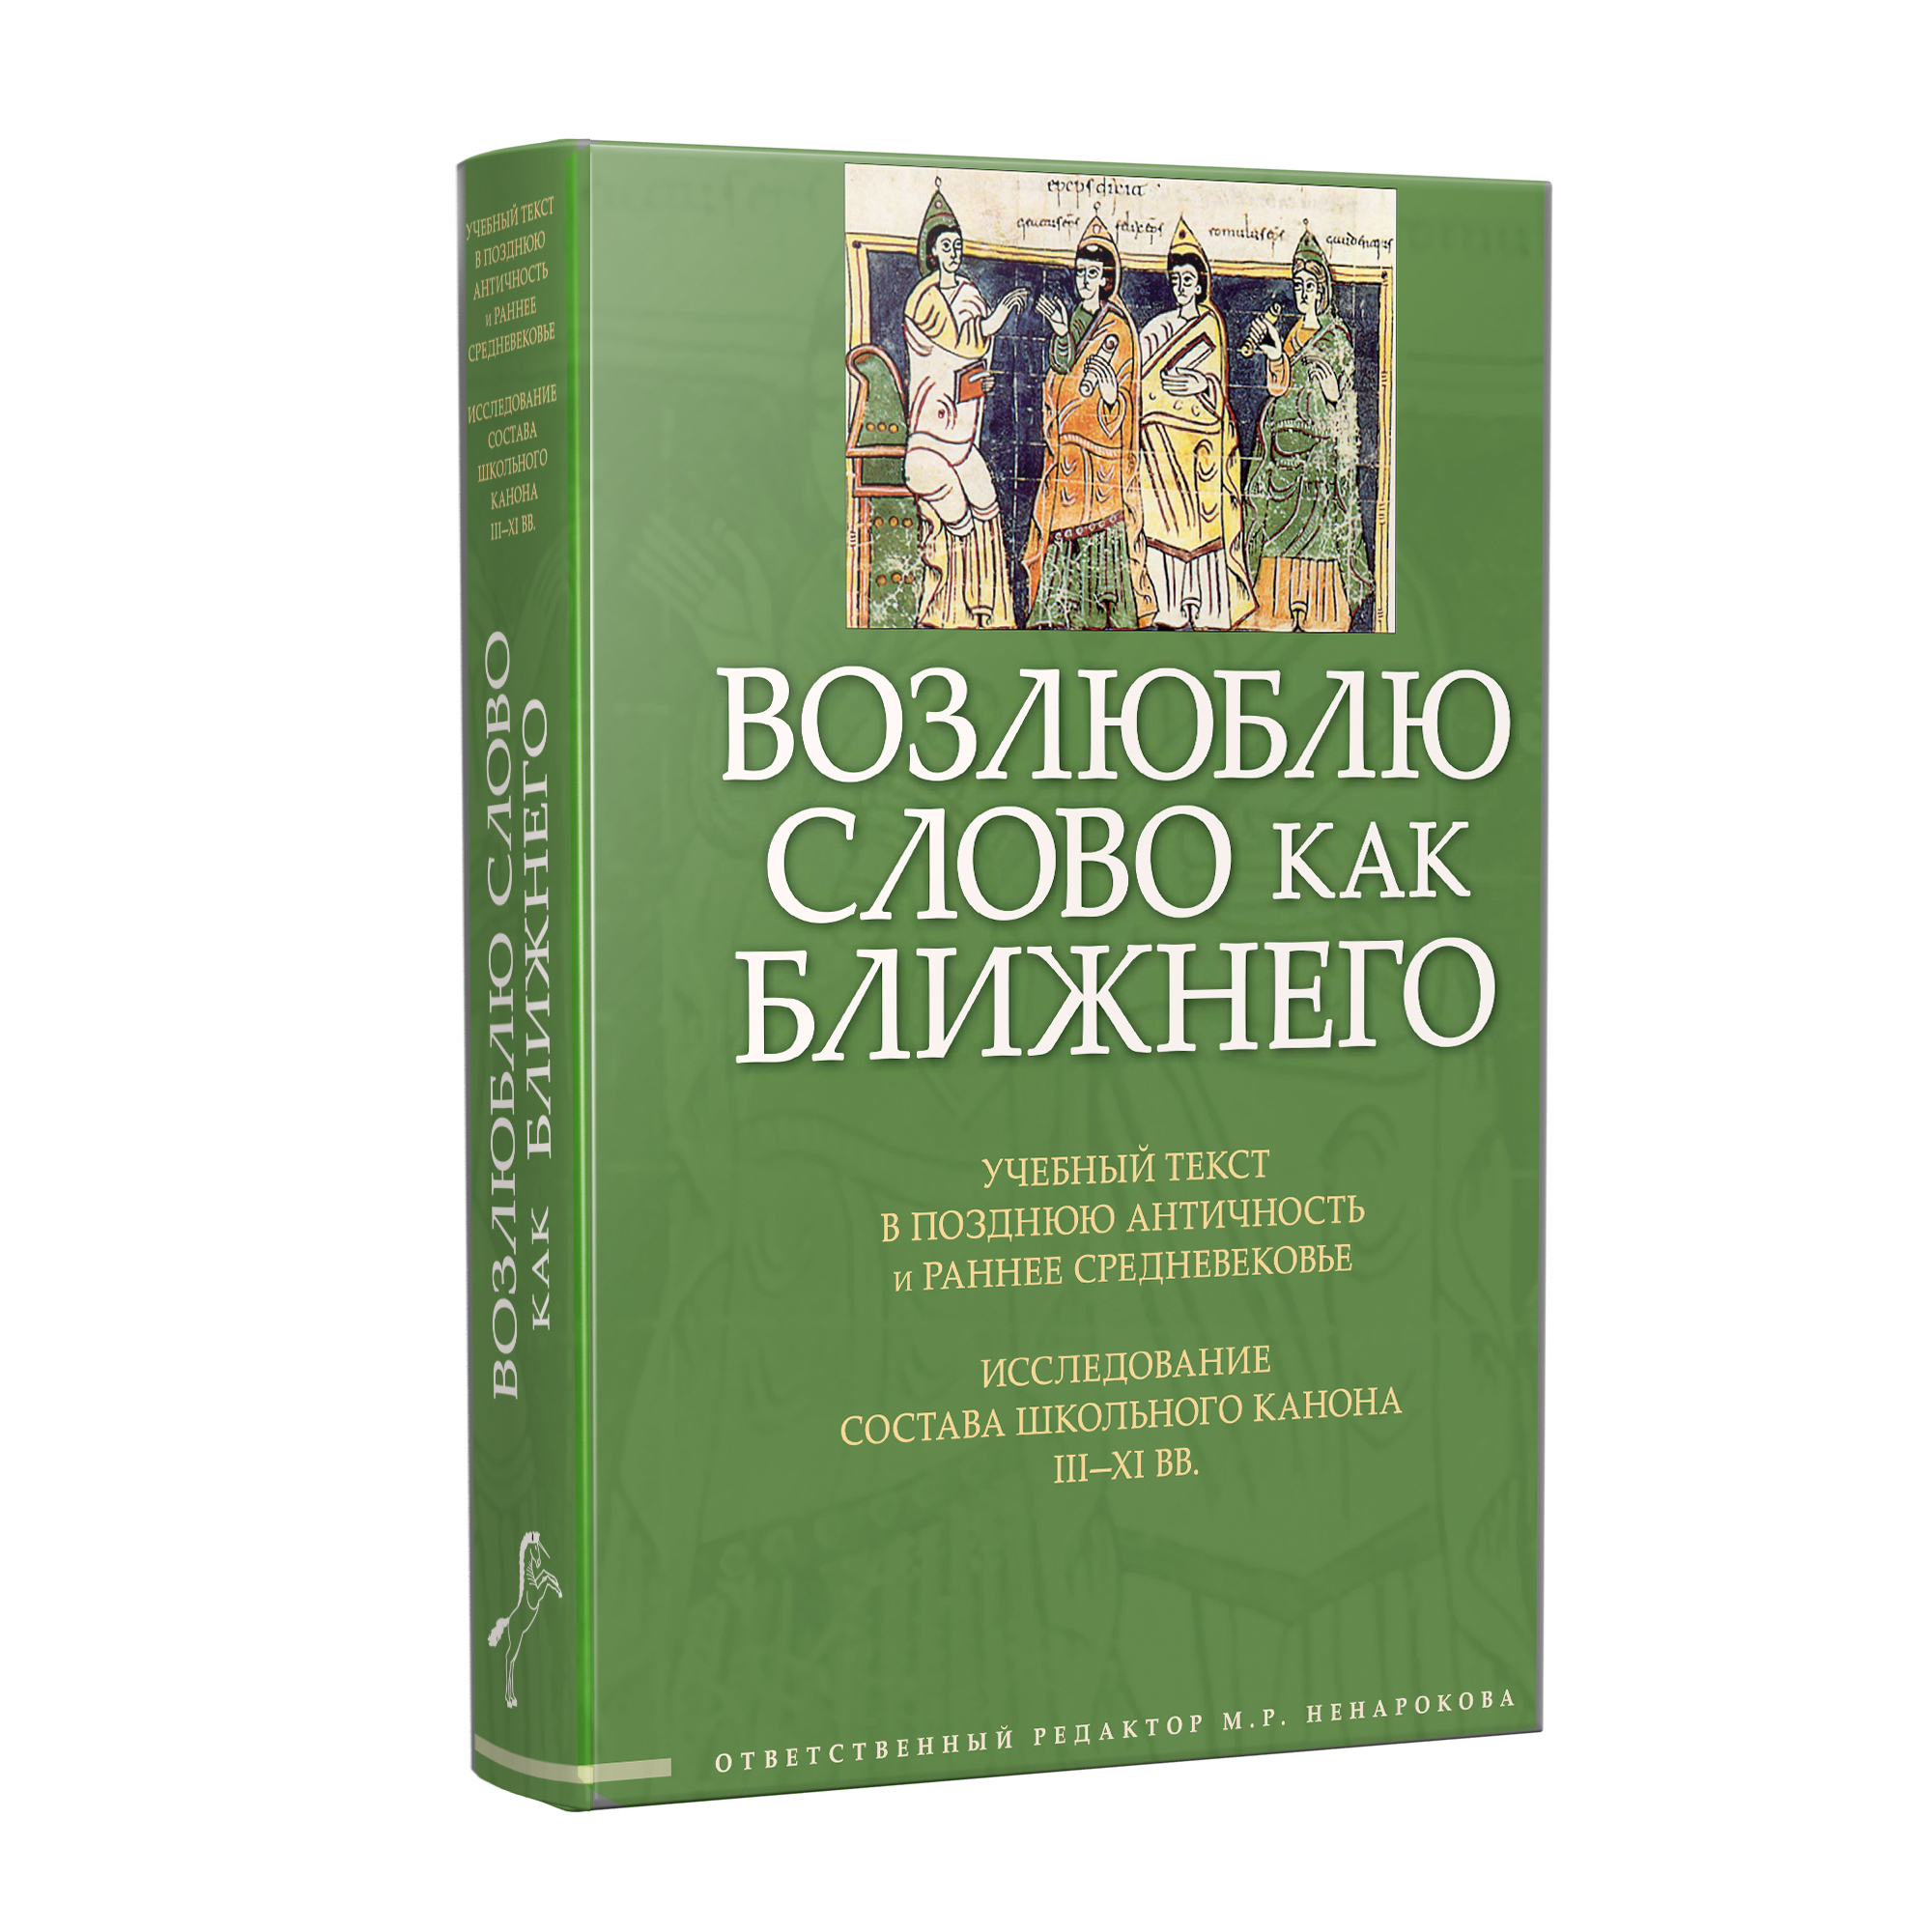 Возлюблю слово как ближнего: Учебный текст в позднюю Античность и раннее Средневековье